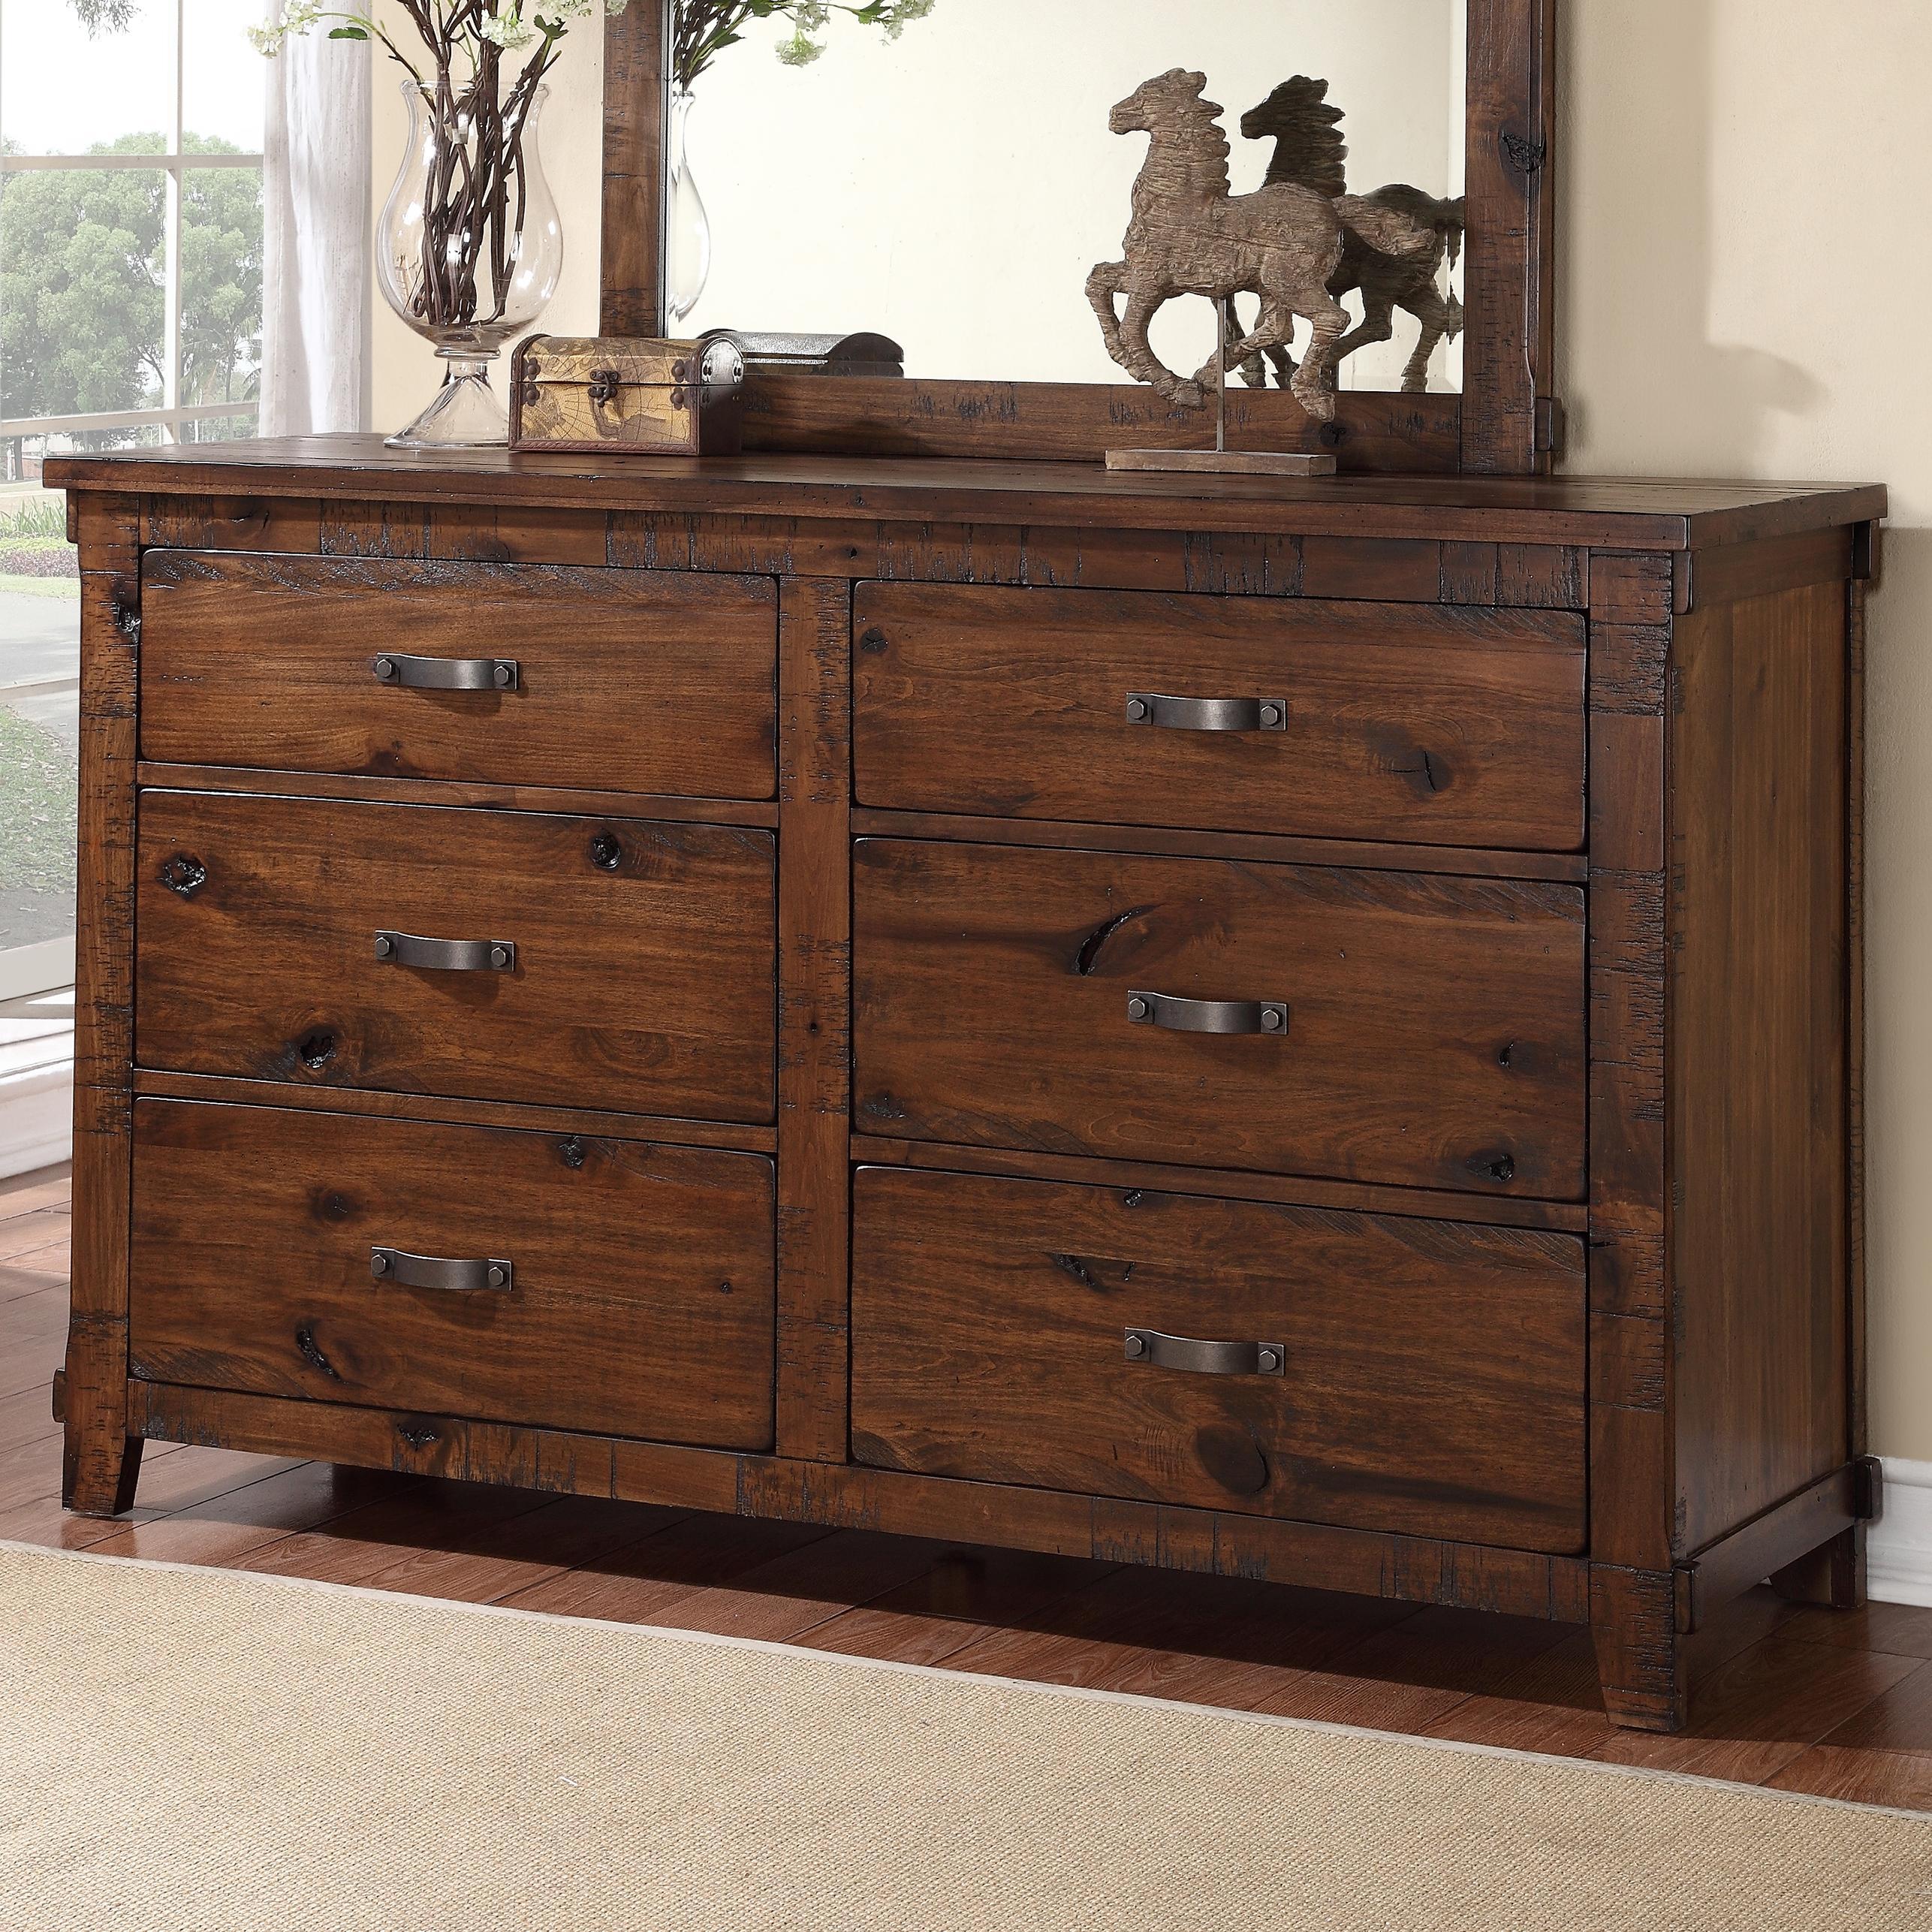 Legends Furniture Restoration Restoration Dresser - Item Number: ZRST-7013